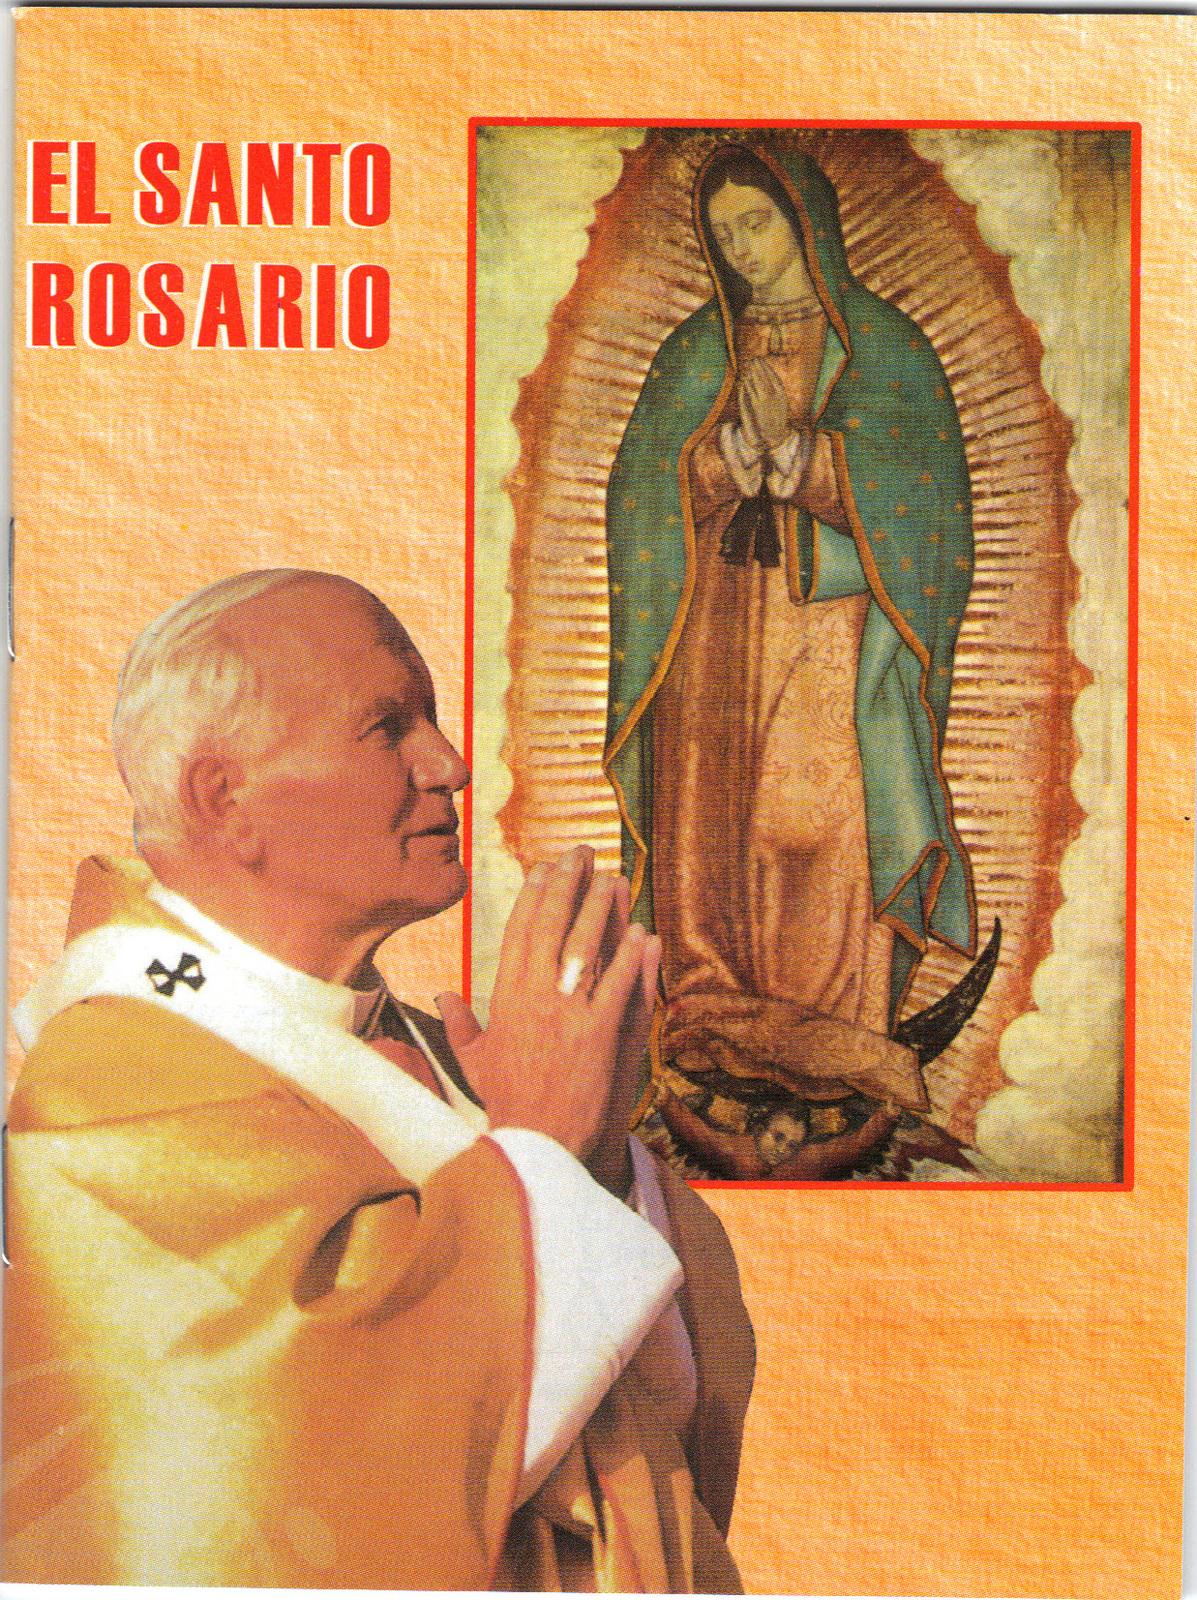 El santo rosario 20 12